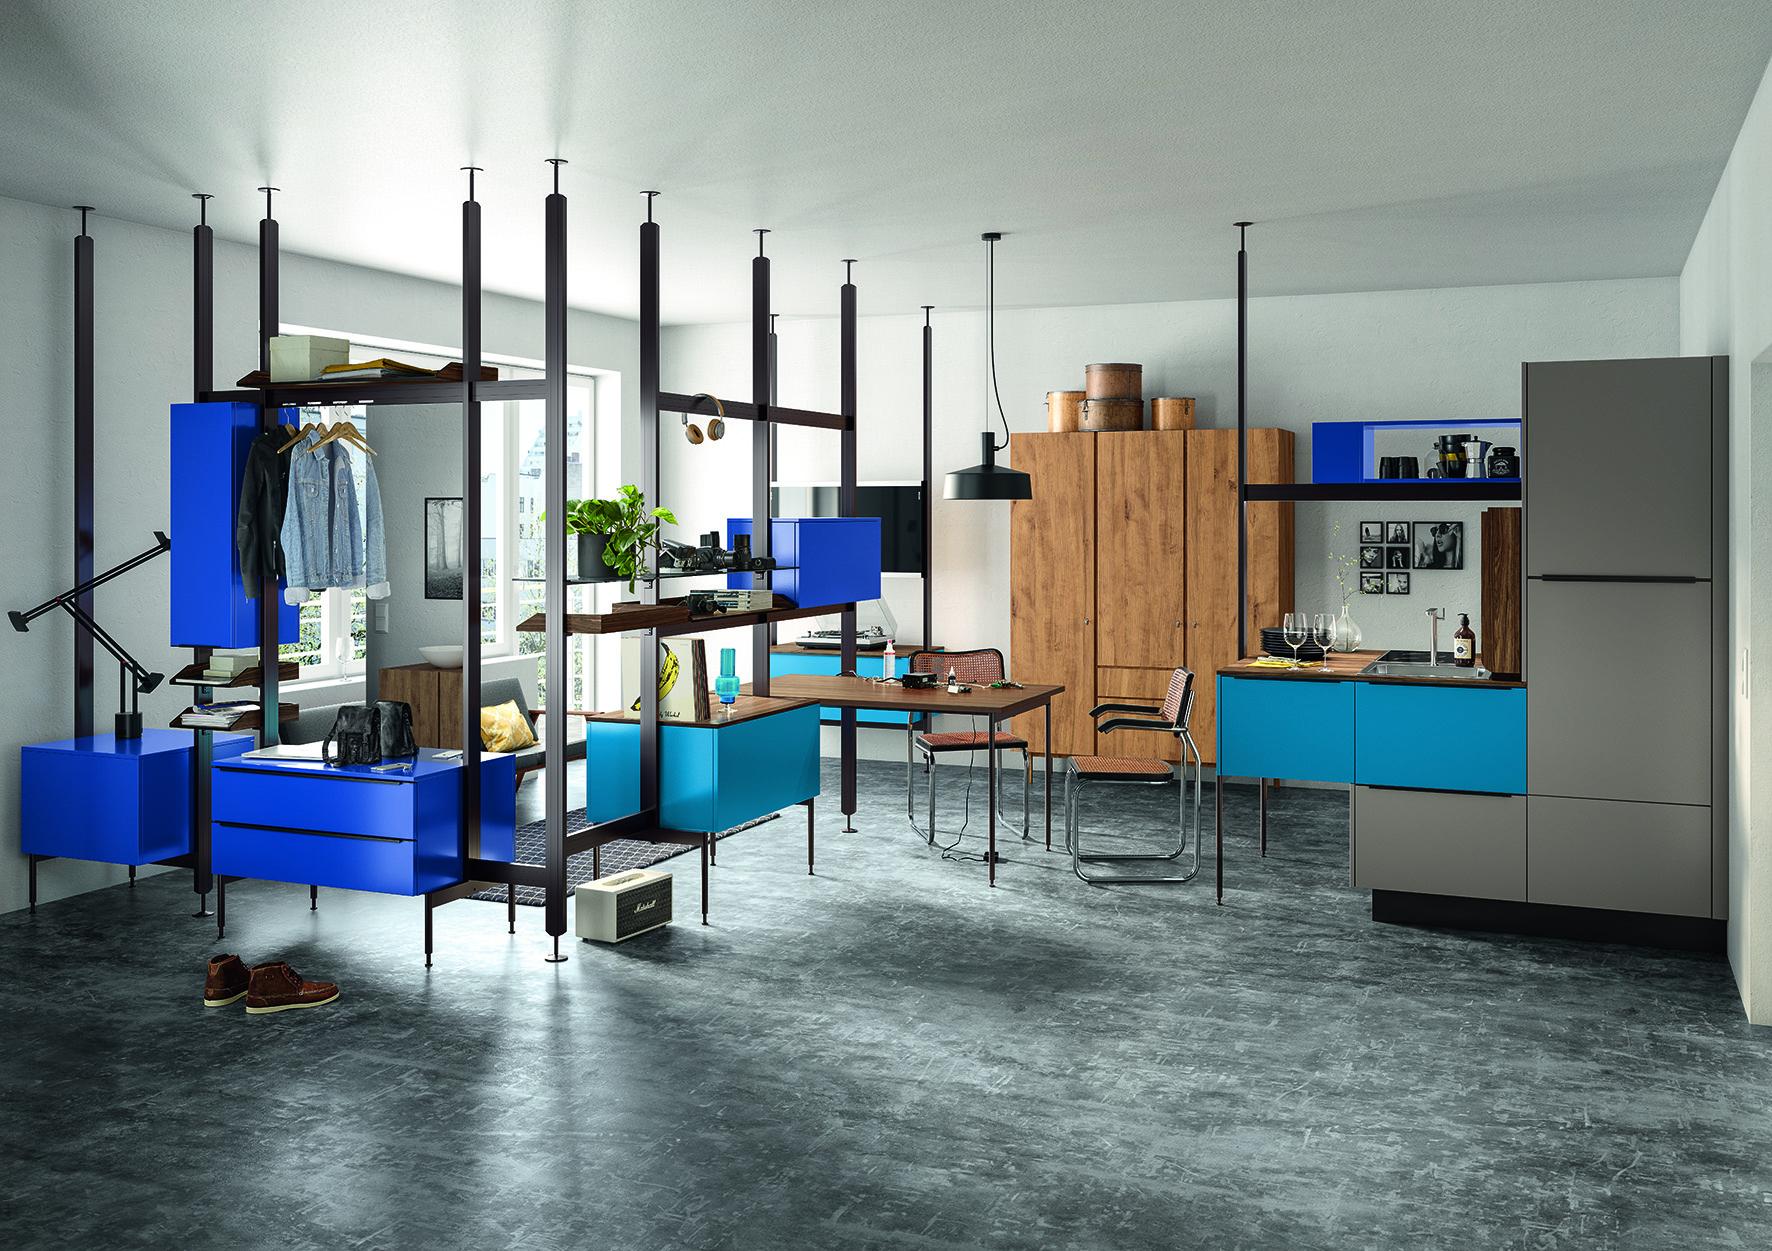 Alno keuken met Alnospace framesysteem #alnospace #alno #keuken #keukeninspiratie